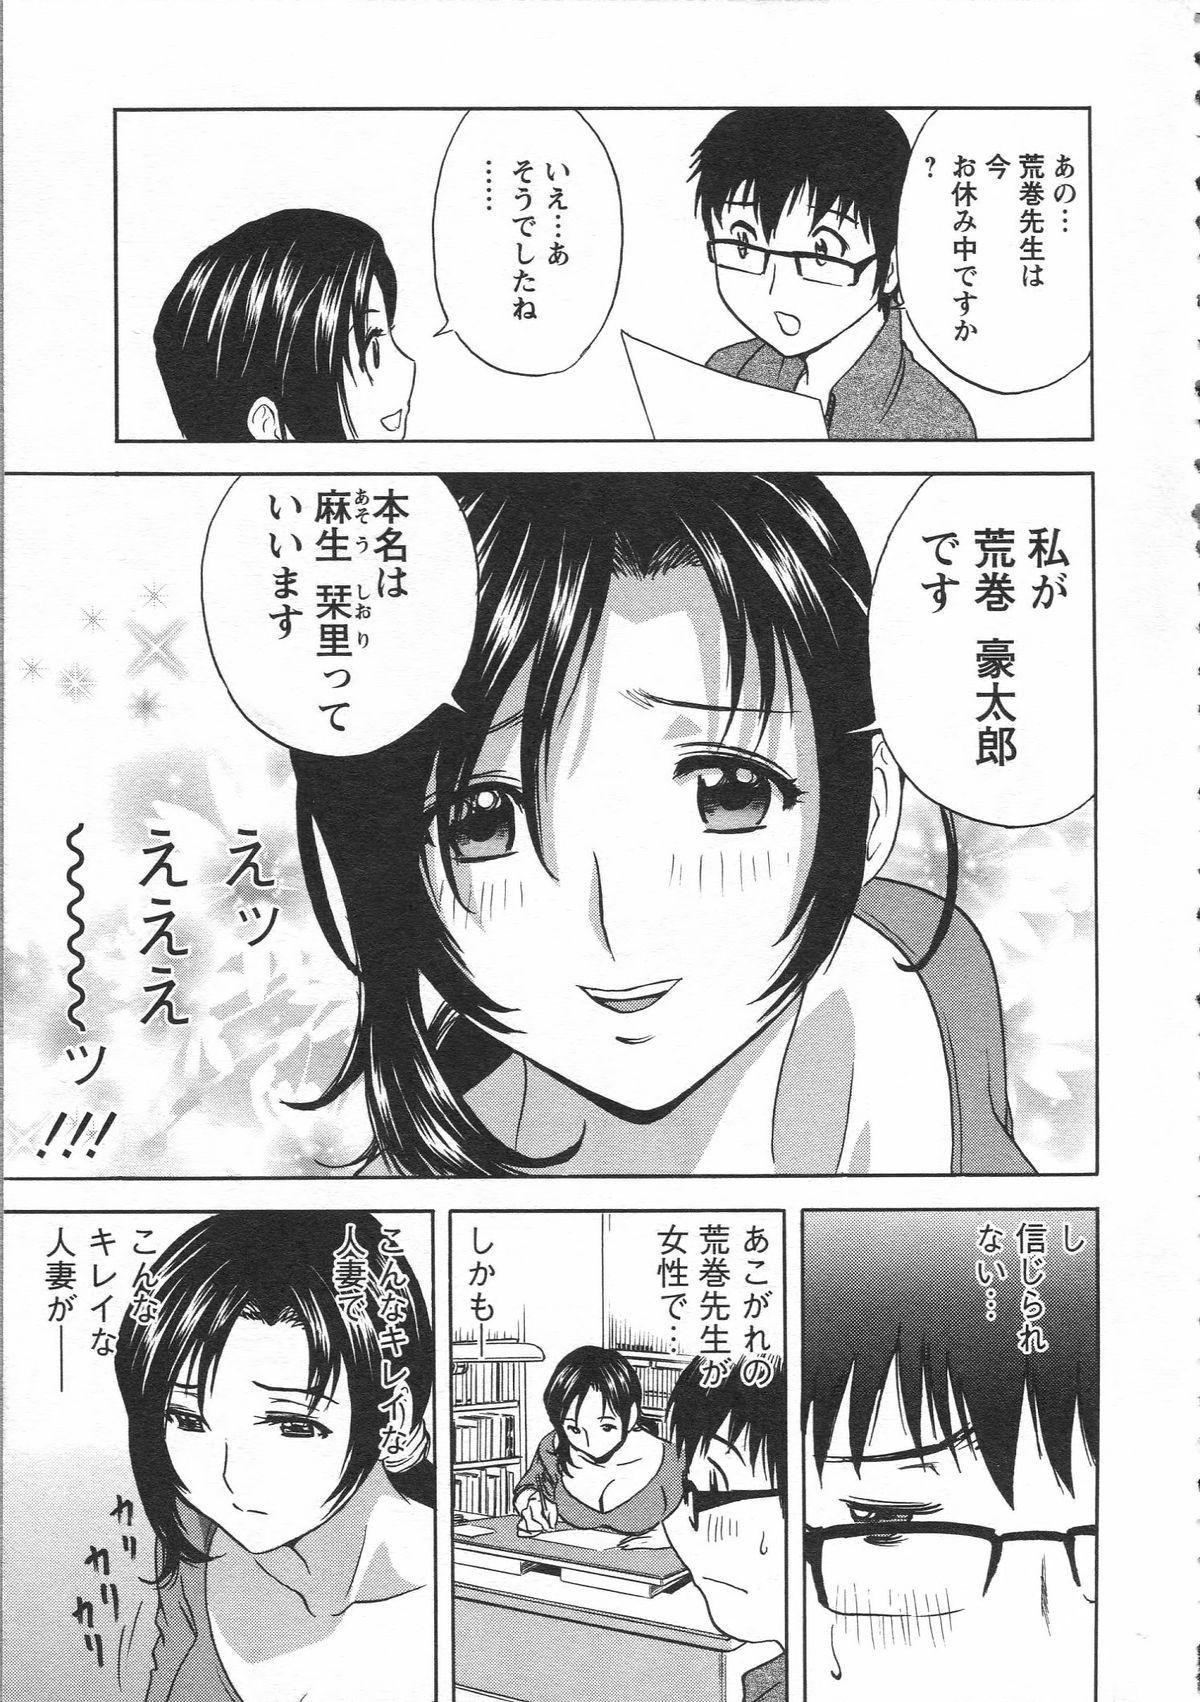 Manga no youna Hitozuma to no Hibi - Days with Married Women such as Comics. 12